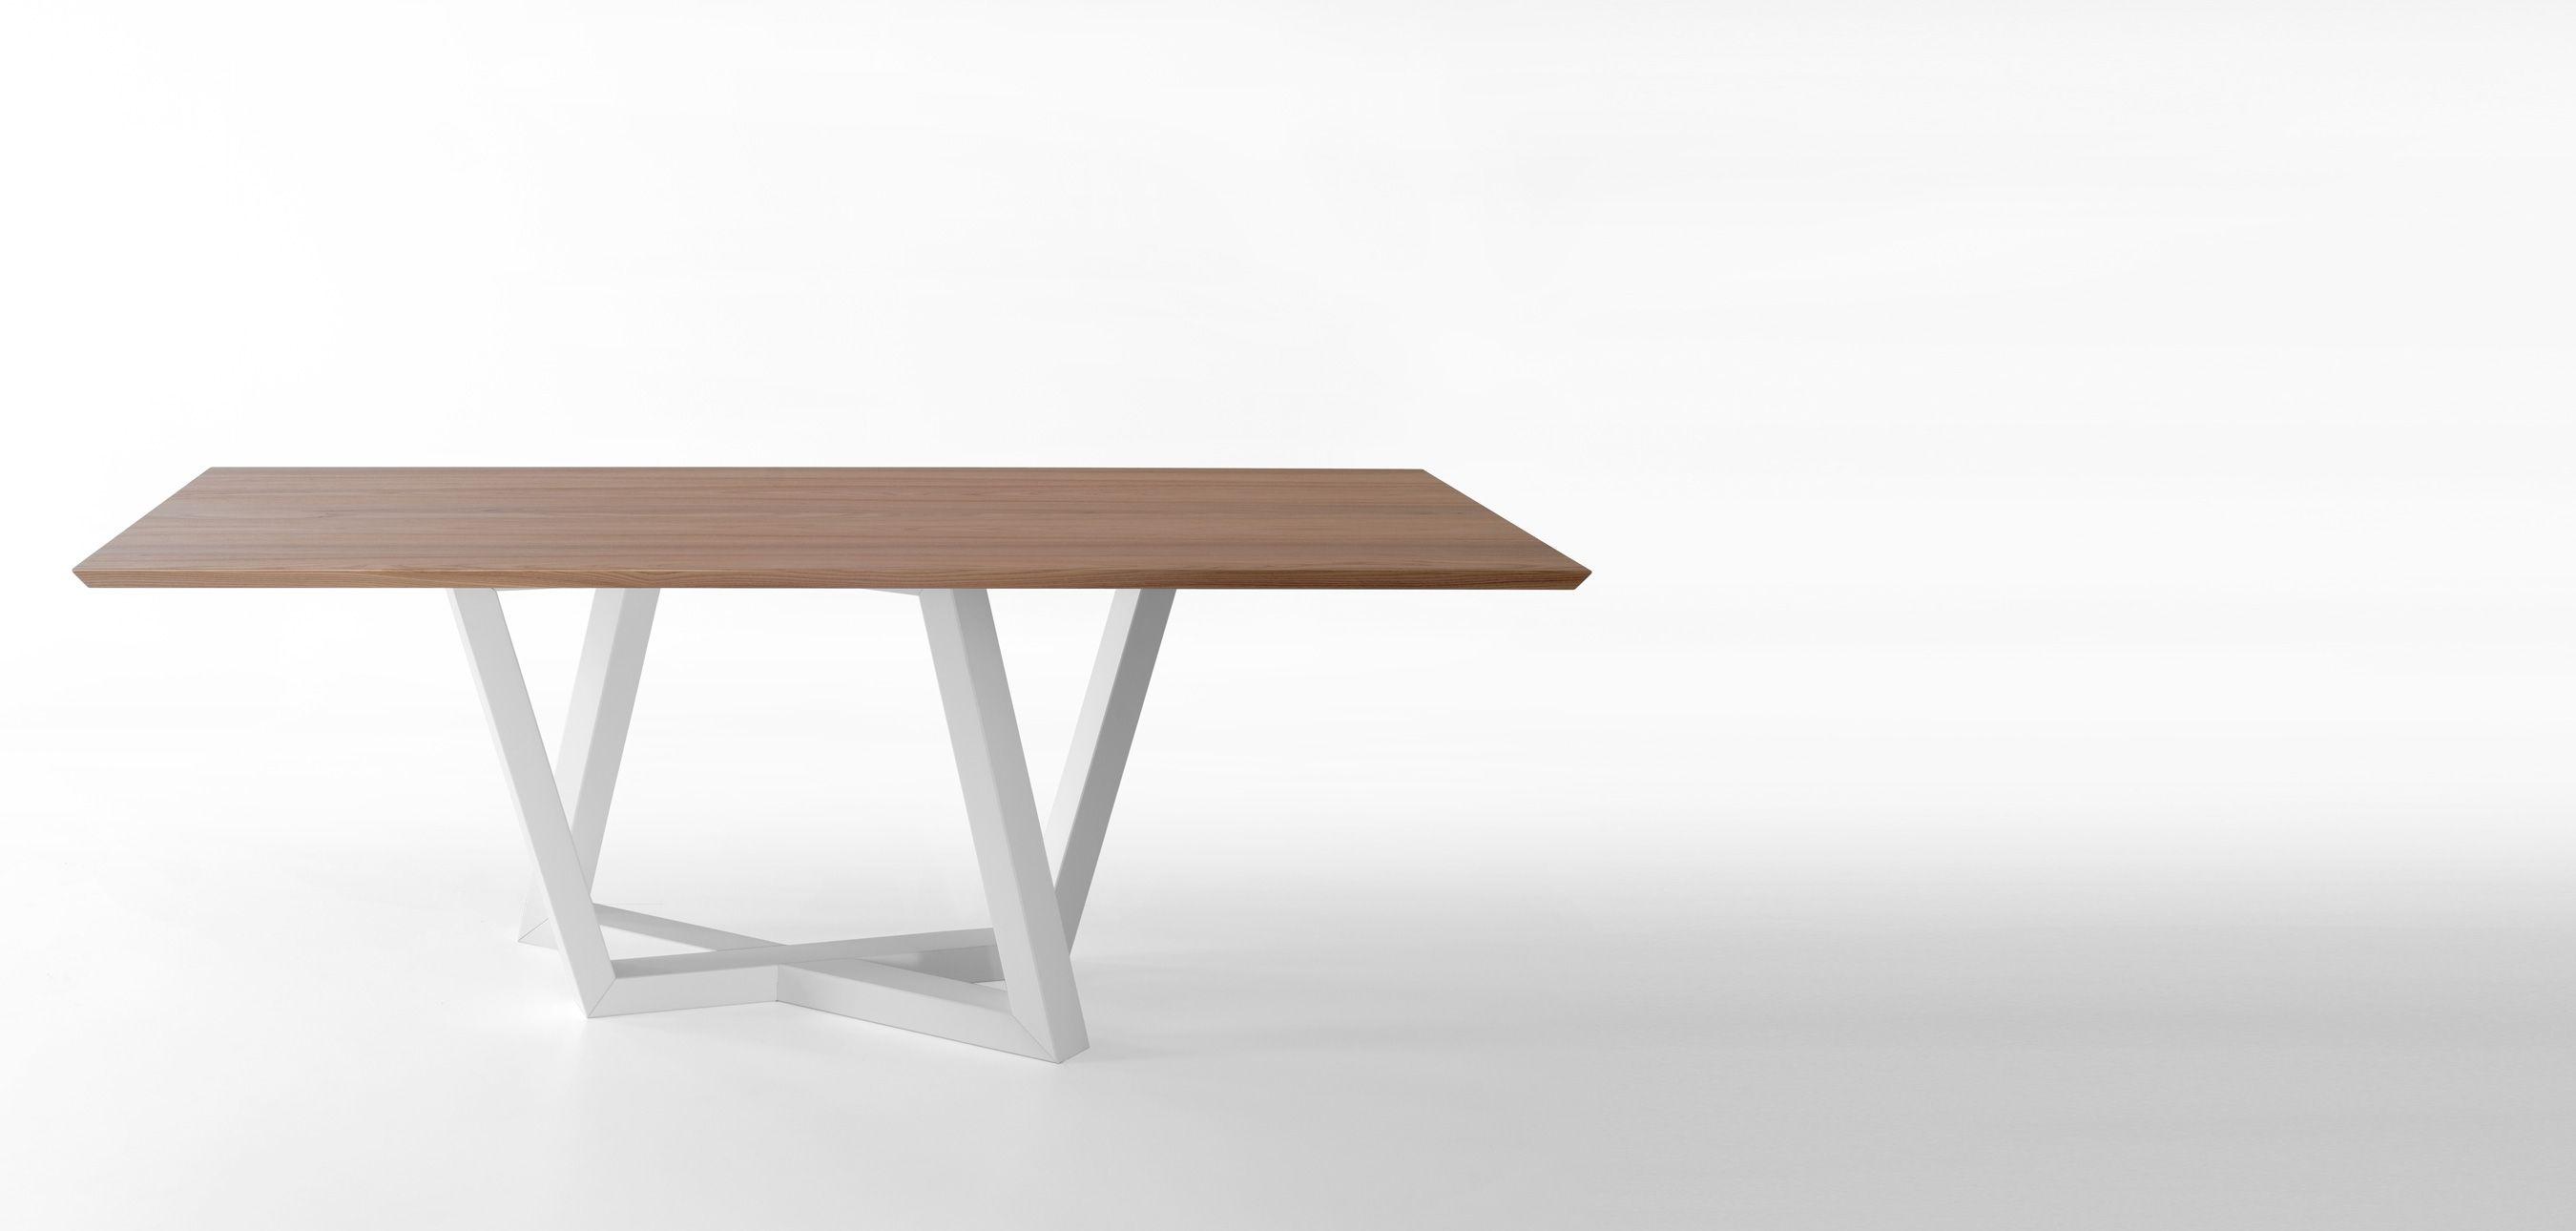 809d38ad01b8c466788bd6b2cd64684b Incroyable De Table Basse Le Corbusier Concept